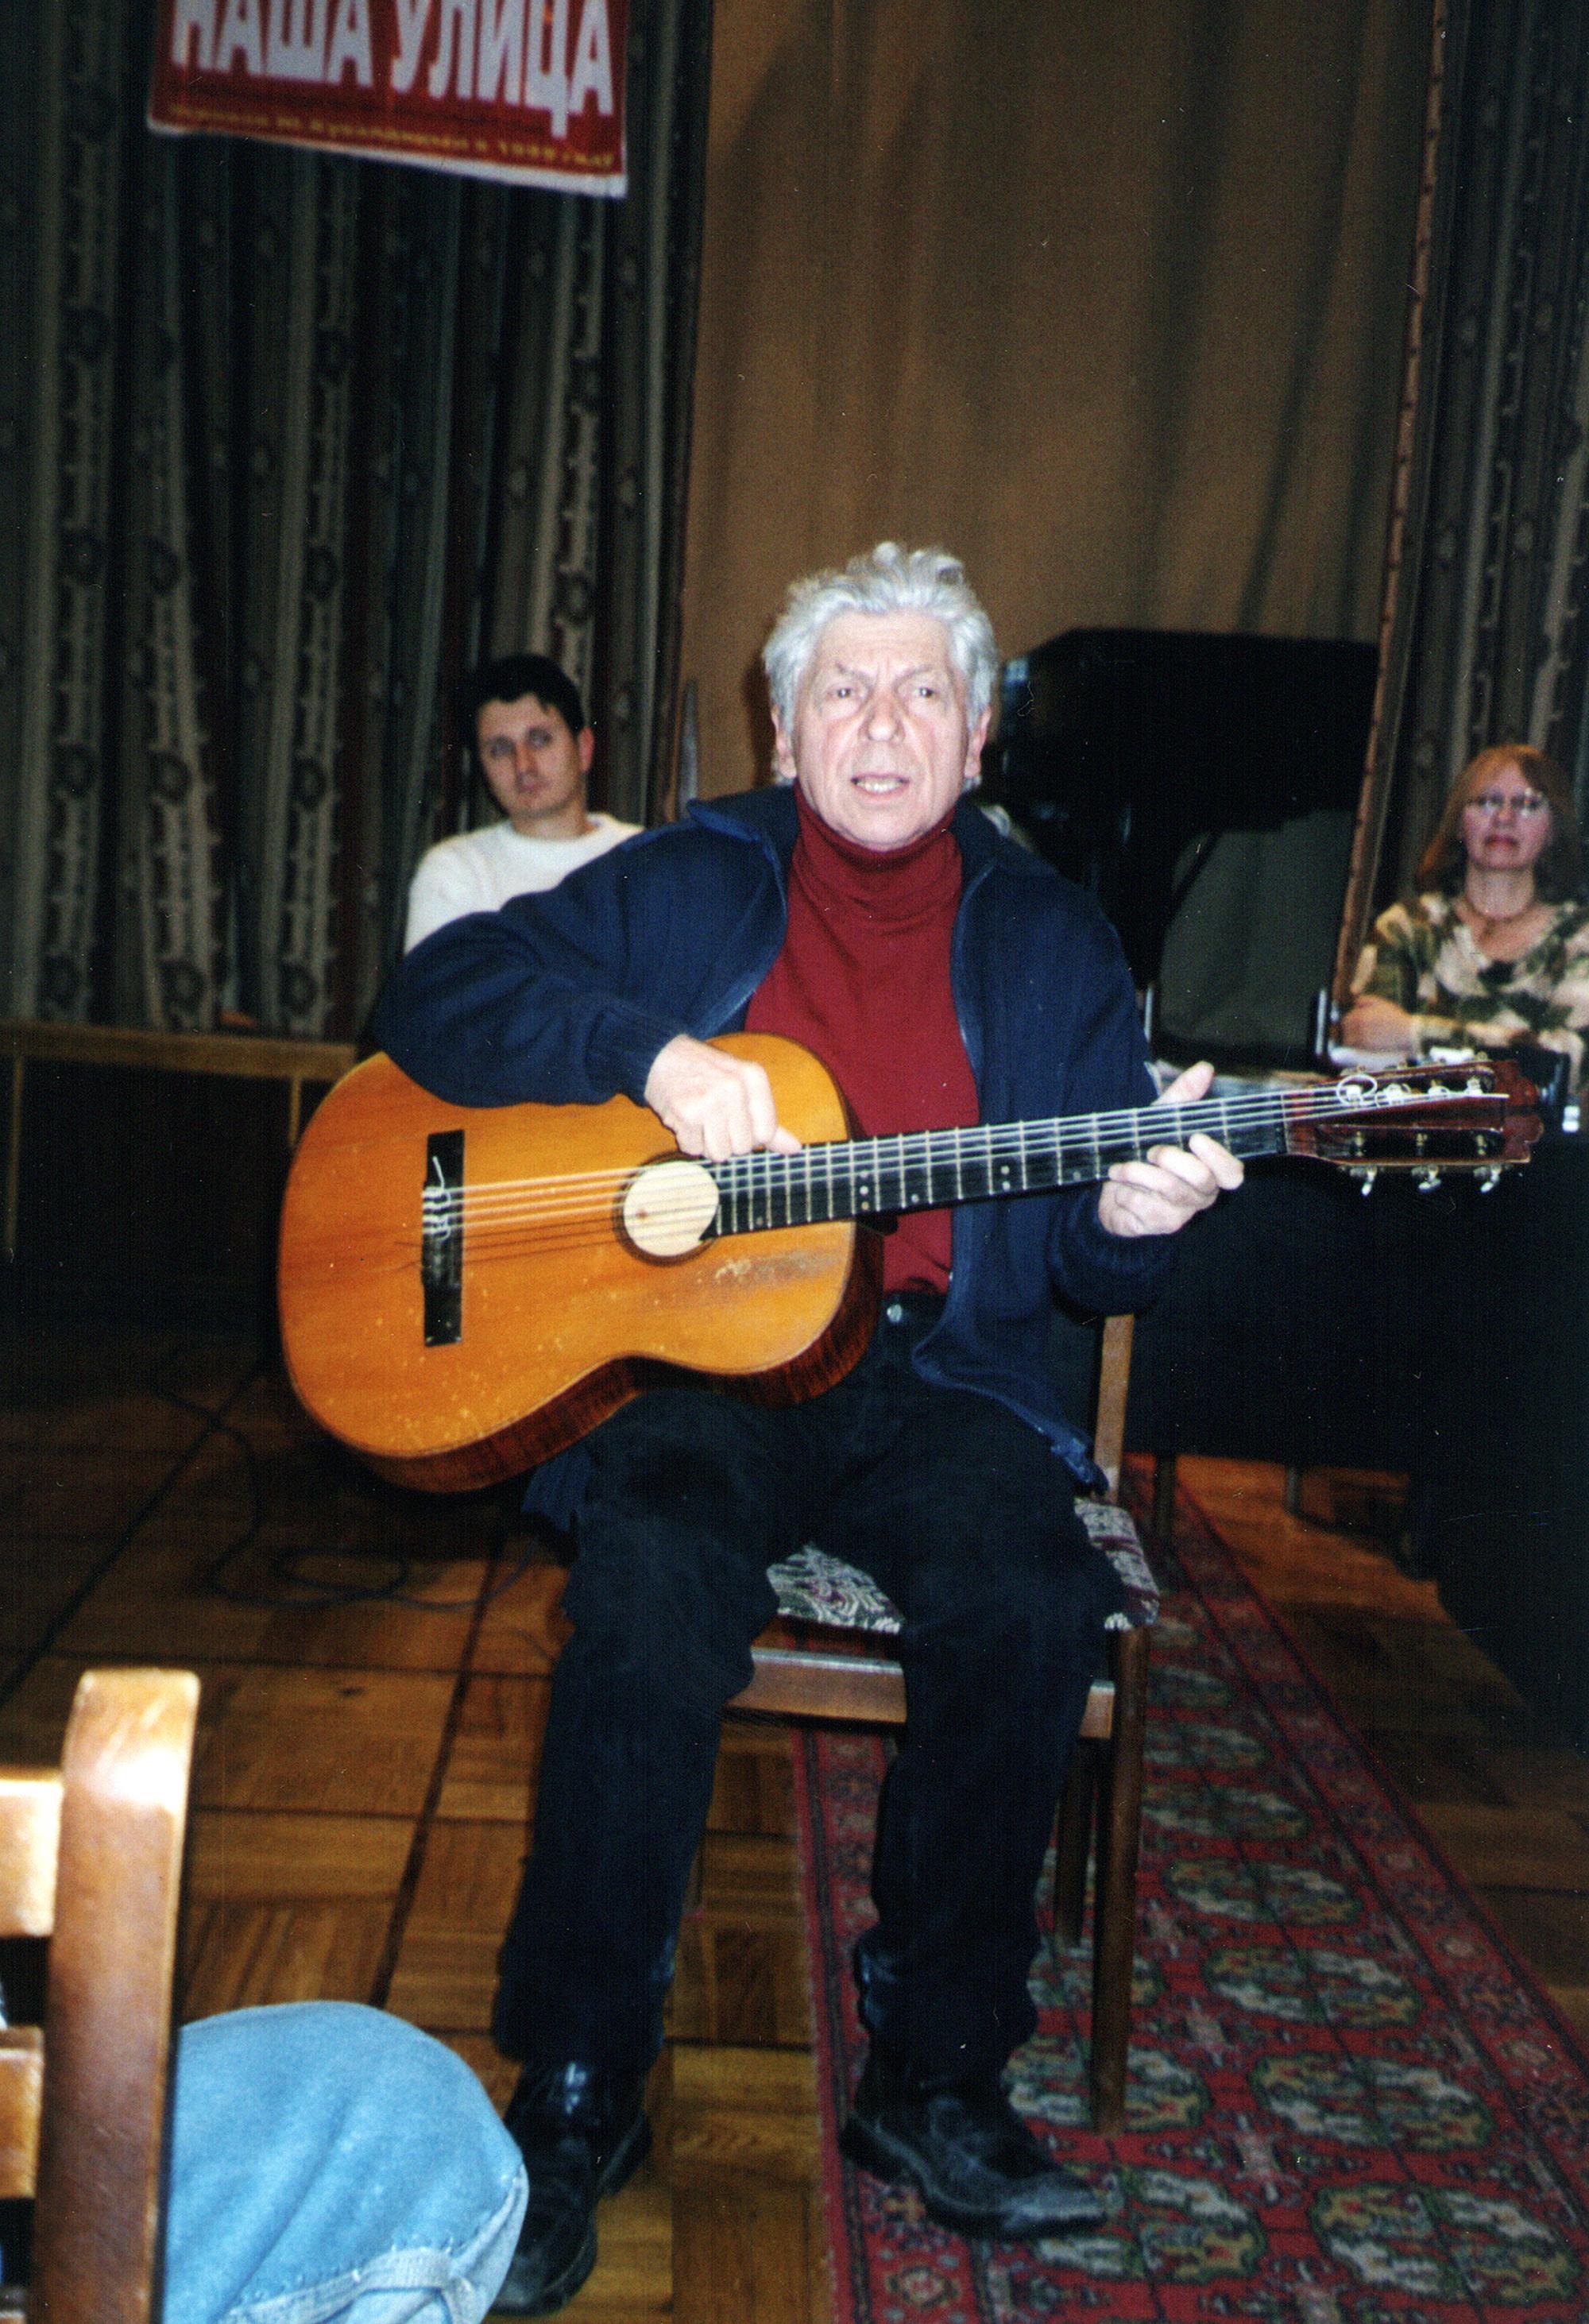 bachurin-evgeniy-2005-zh-zh